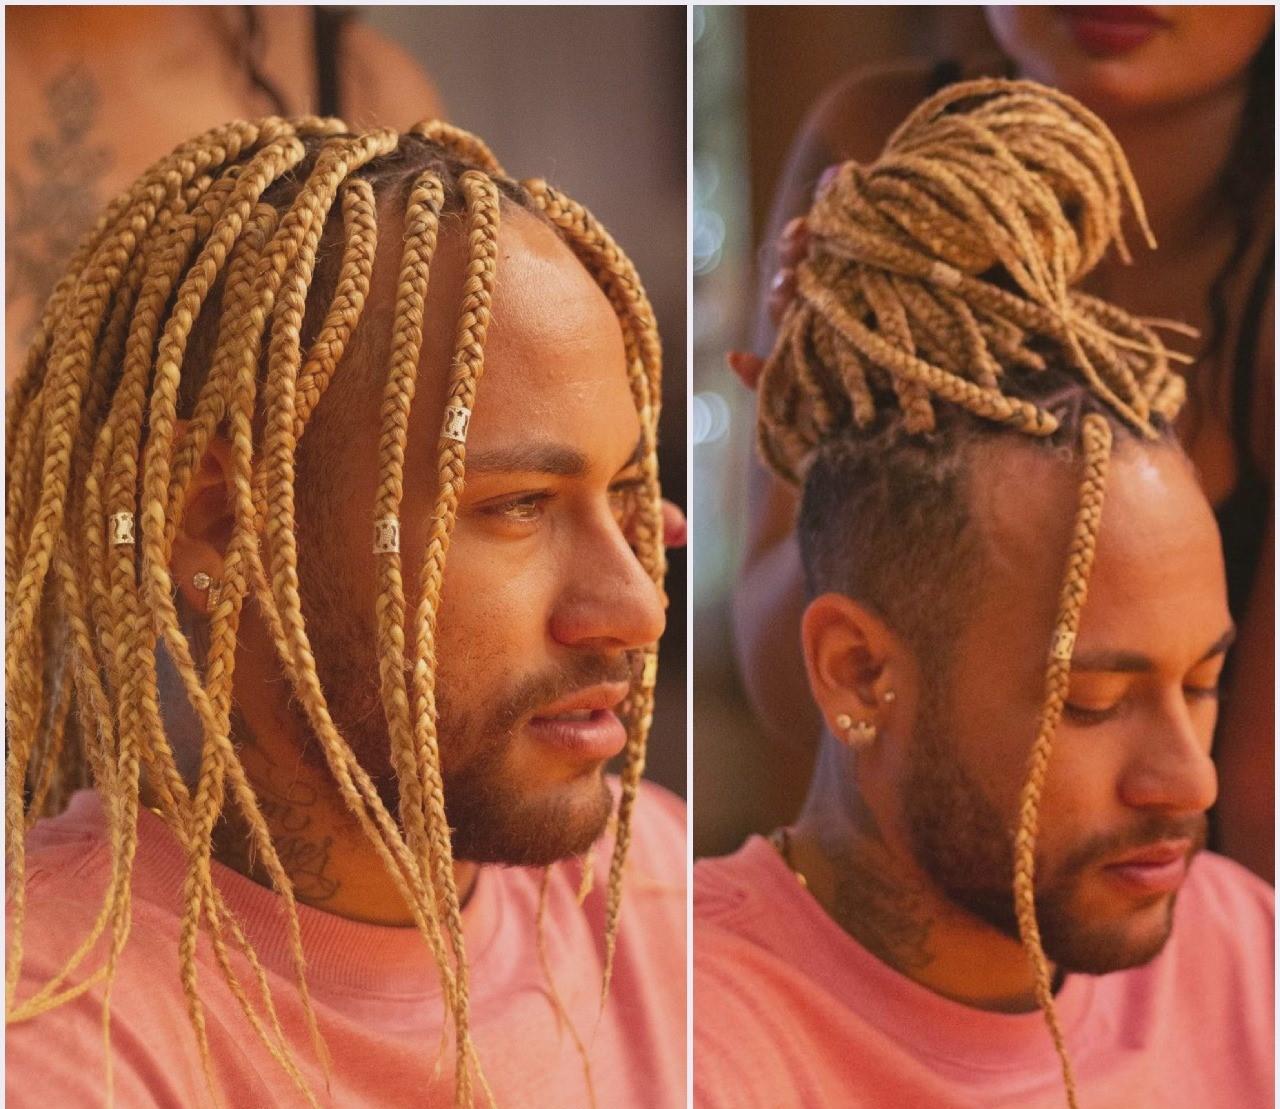 Neymar sorprende al aparecer con cabello largo